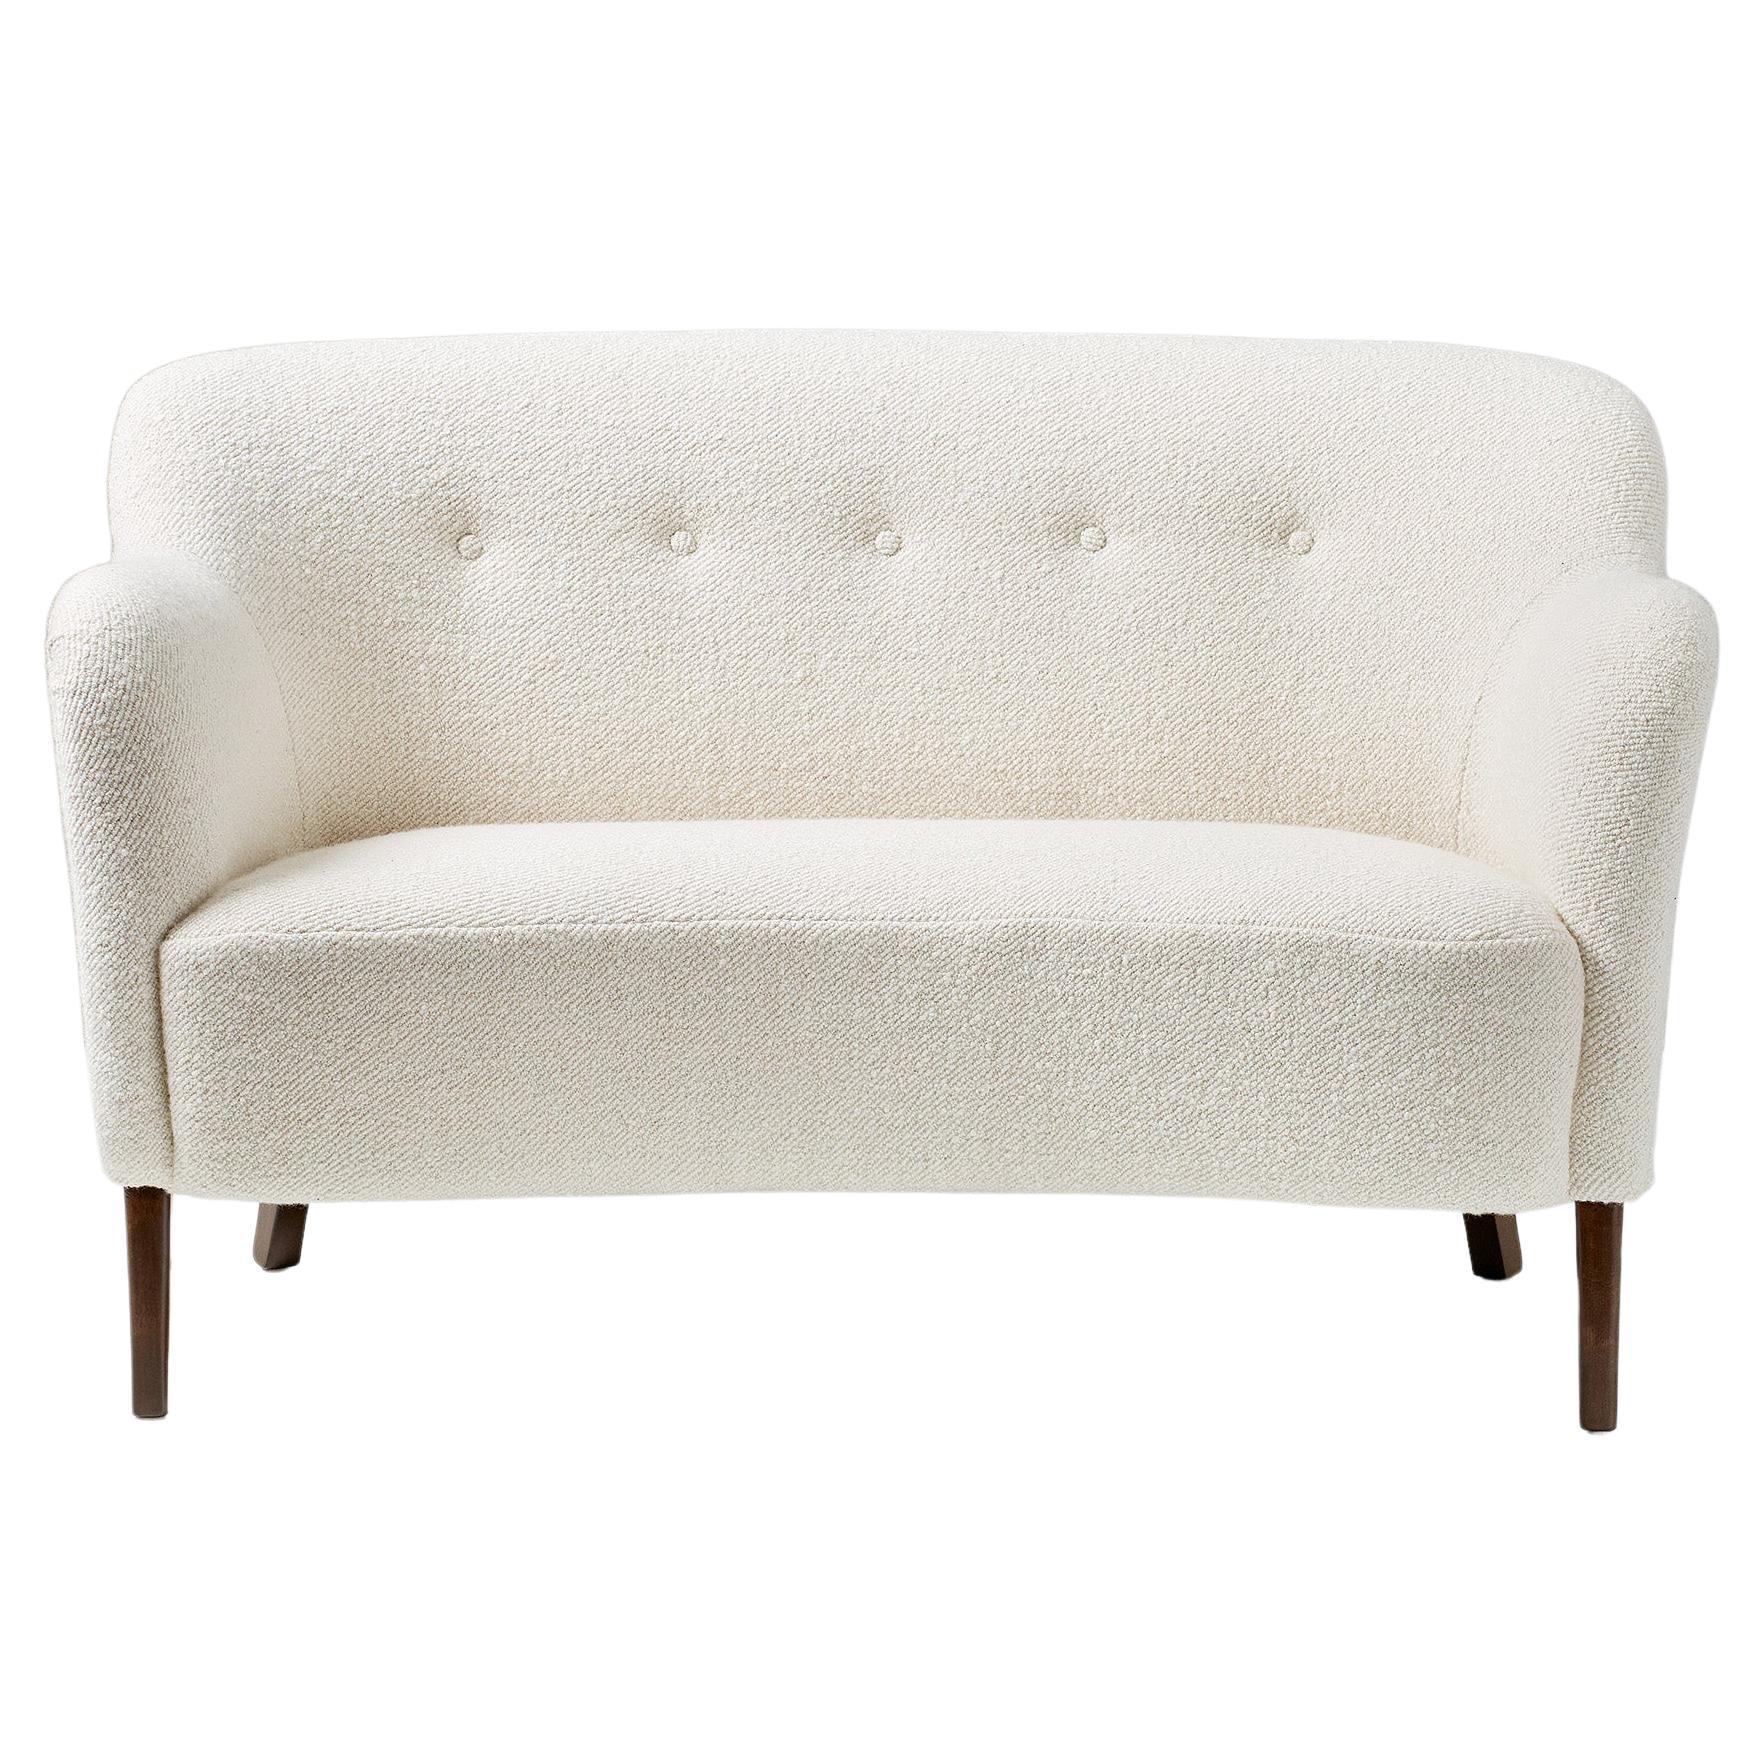 Slagelse Mobelvaerk 1950s Curved Boucle Sofa